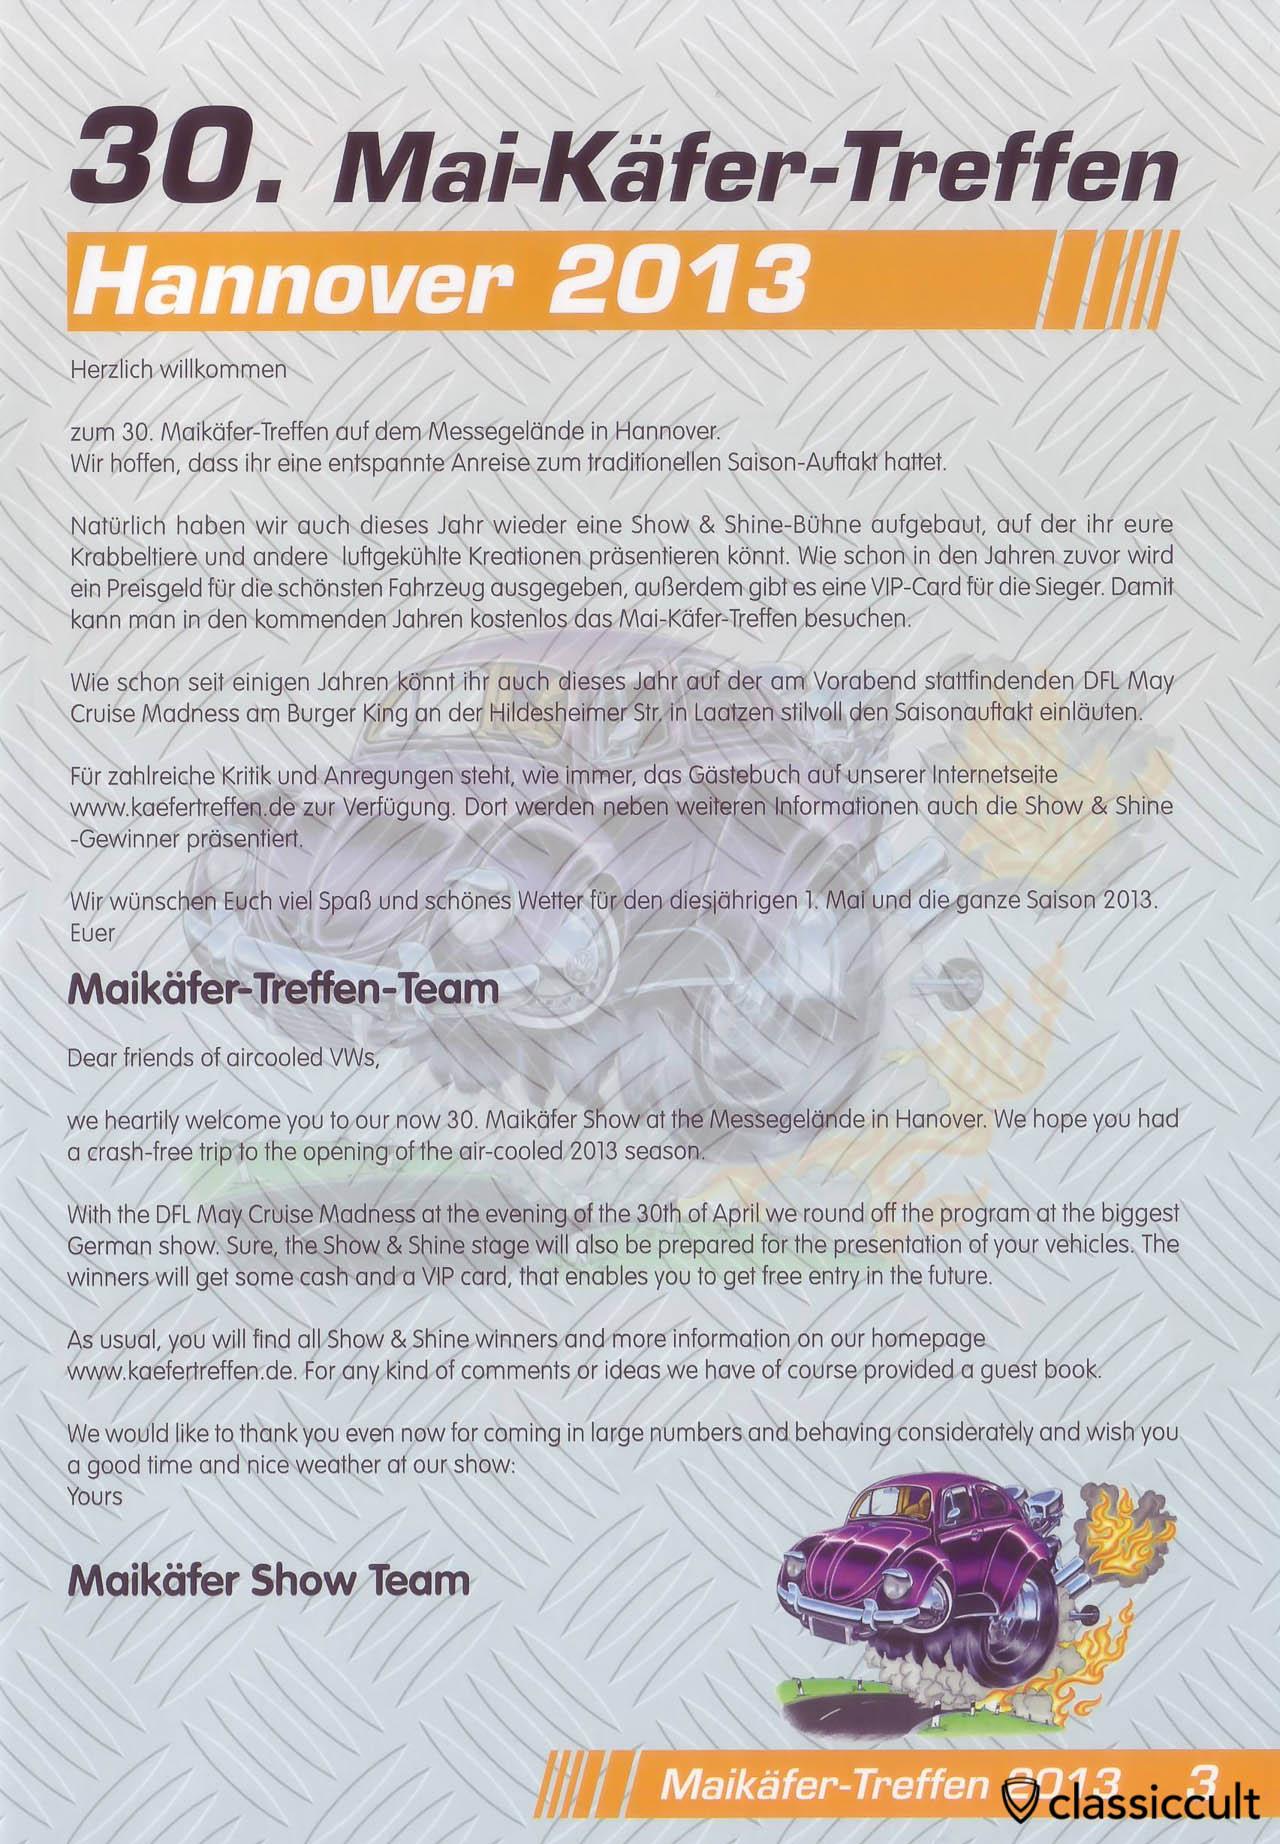 Willkommen Anschreiben aus Maikäfertreffen 2013 Broschüre